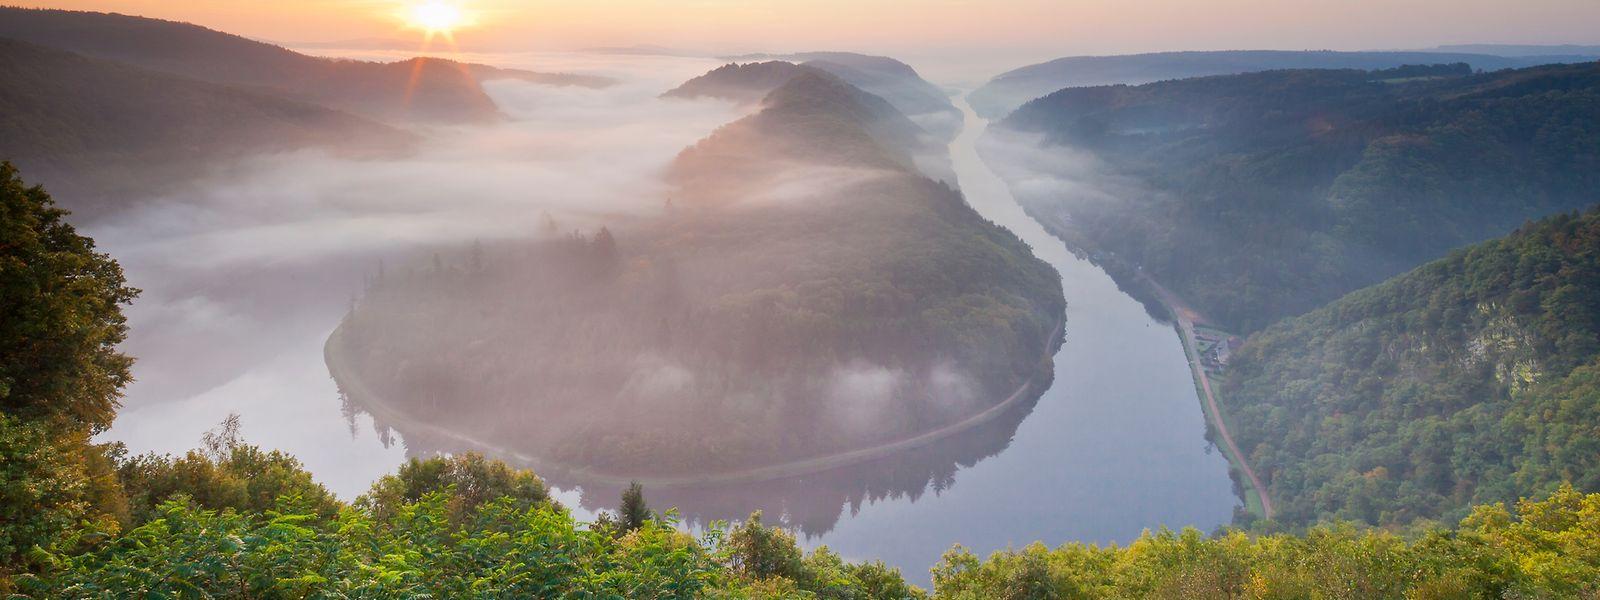 Die Saarschleife zählt zu den beliebtesten touristischen Attraktionen der Großregion. In der politischen Sphäre fristet die Region jedoch ein Schattendasein, auch bedingt durch die unterschiedlichen Kompetenzen der einzelnen Regionen, beziehungsweise Länder.